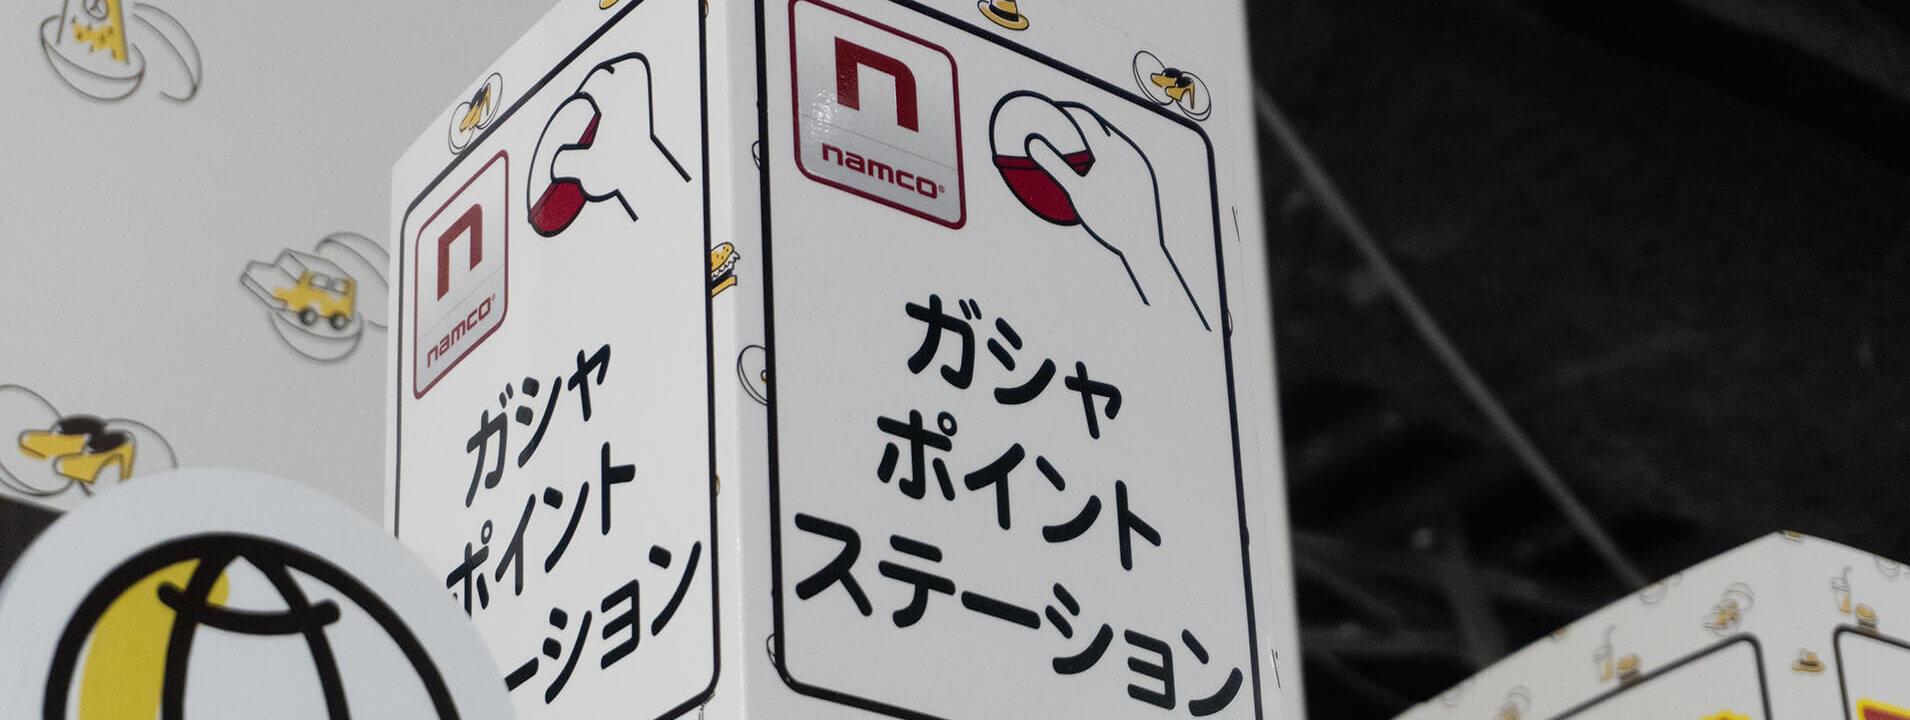 ガシャポンのデパート 池袋総本店